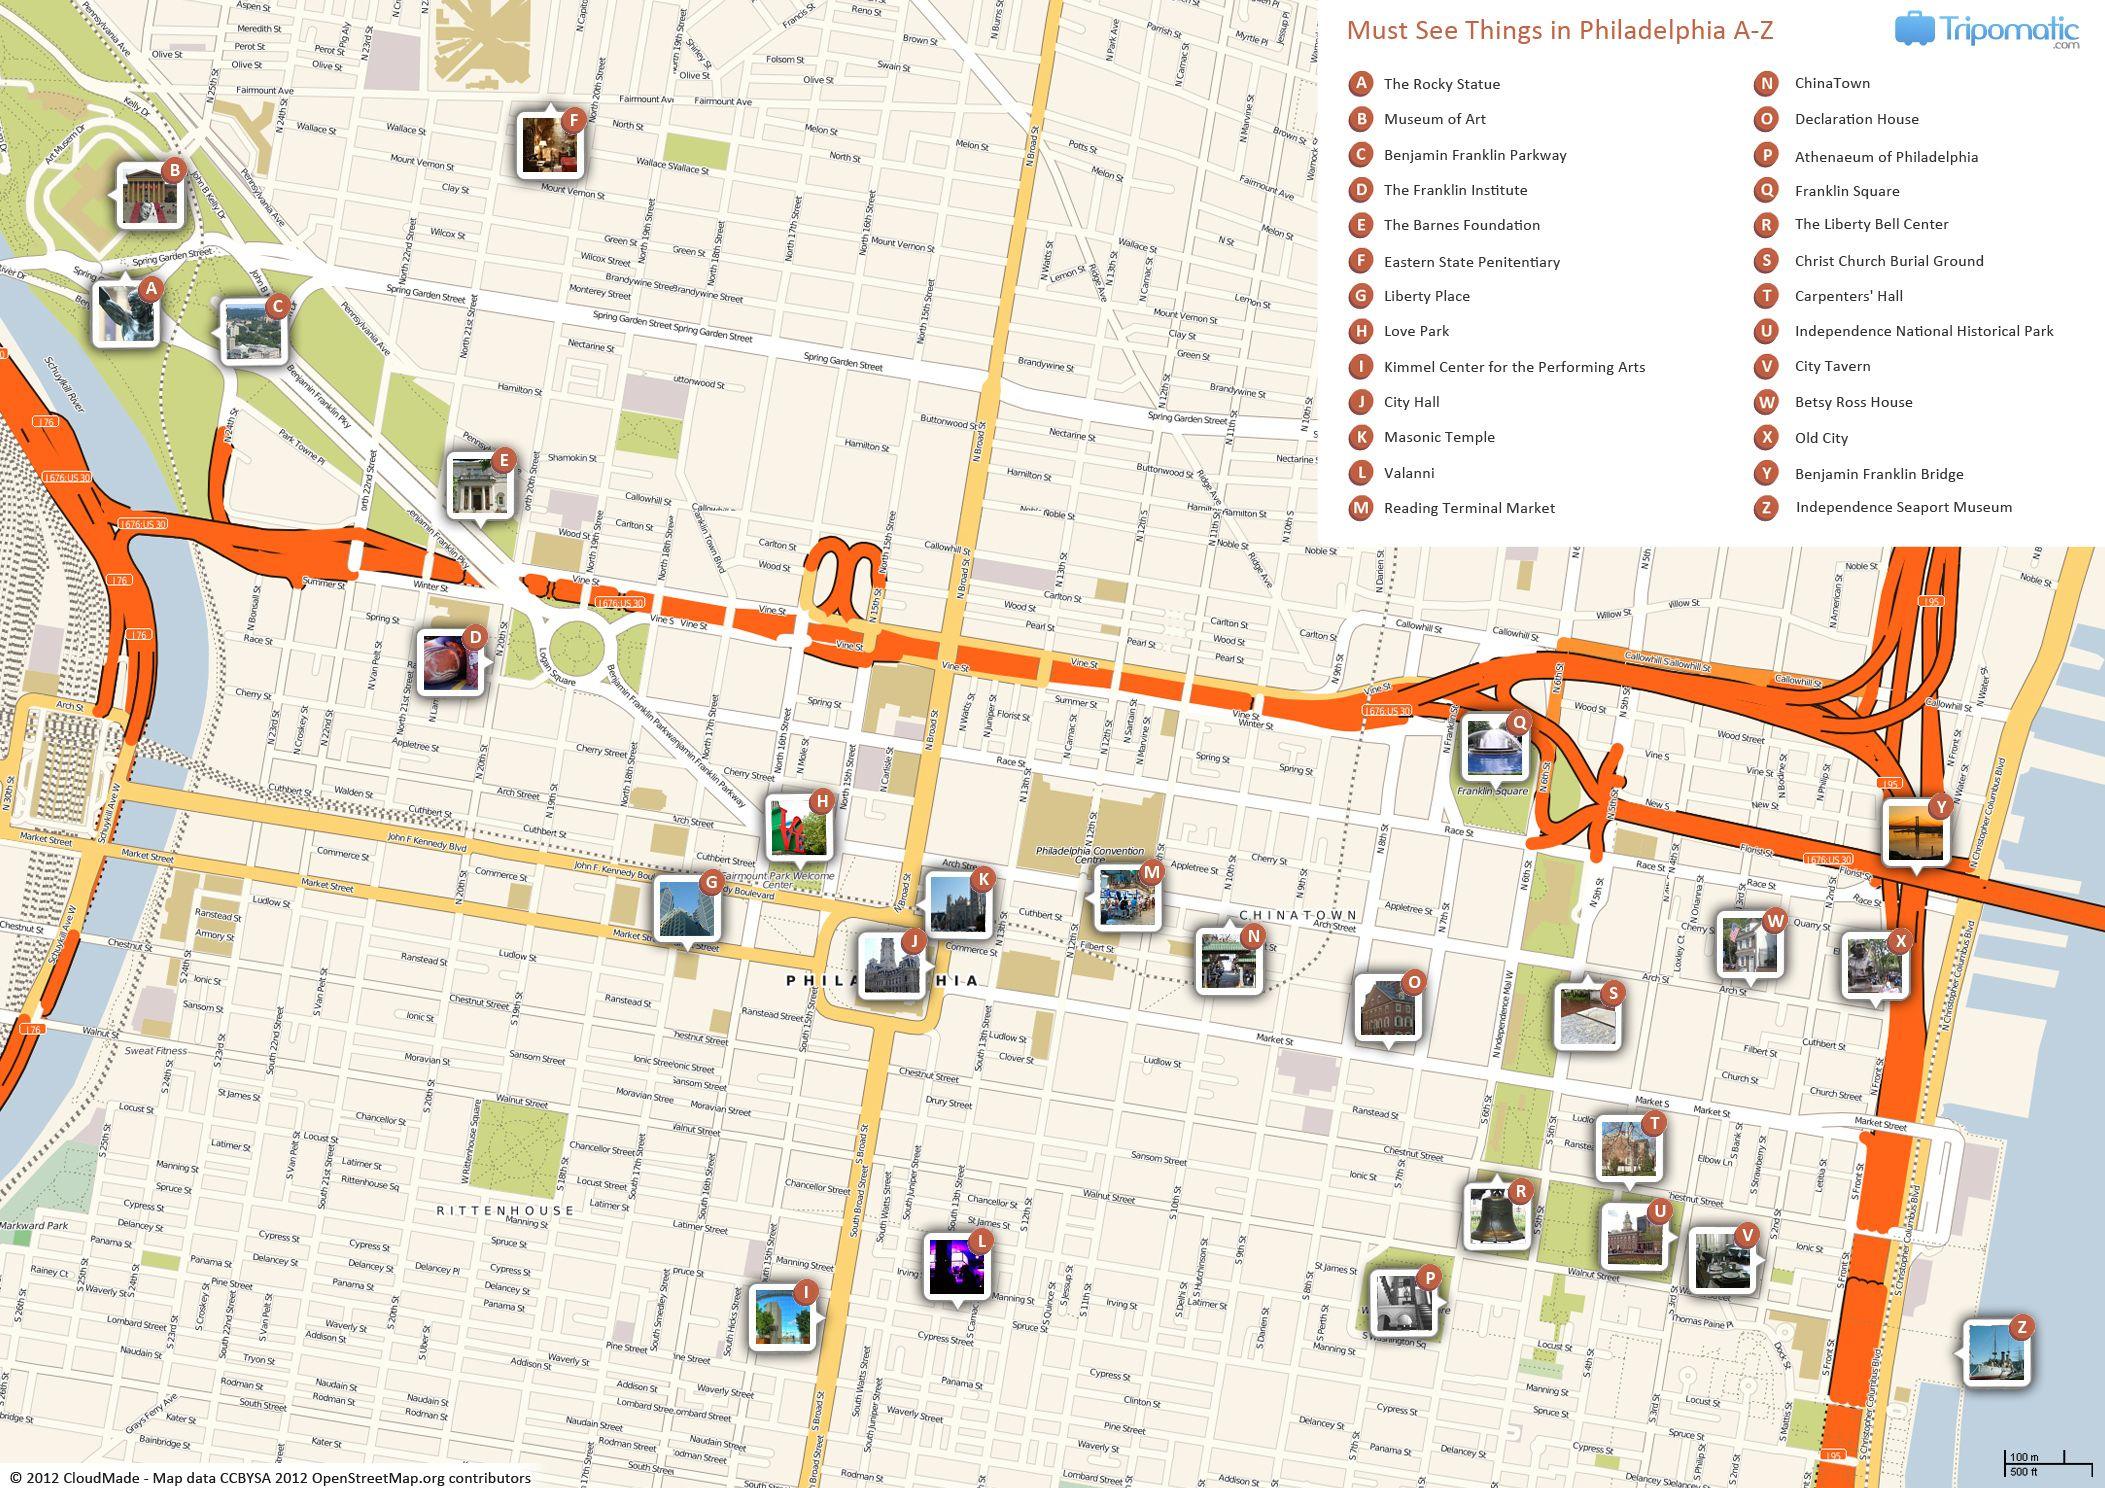 Philadelphia Printable Tourist Map | Free Tourist Maps - Printable Map Of Center City Philadelphia